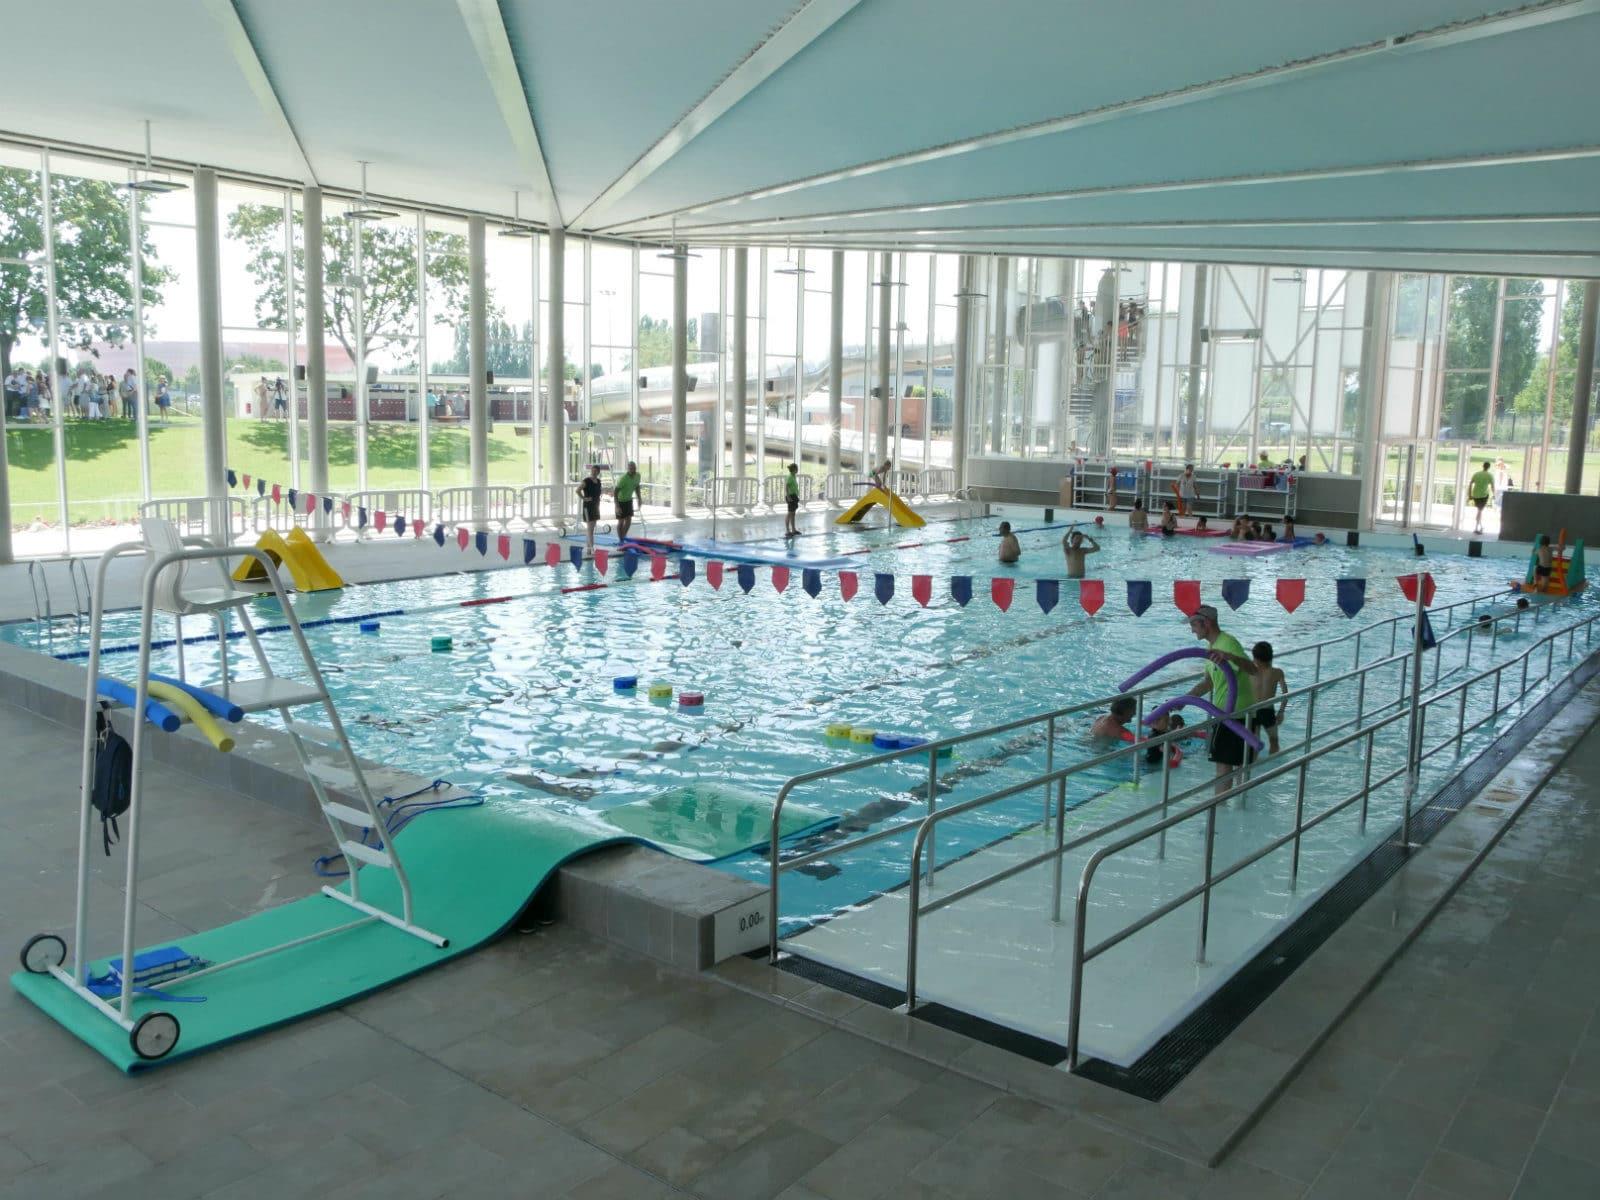 Piscine A Moins De 100 Euros À hautepierre, une piscine rénovée mais inachevée réouvre enfin